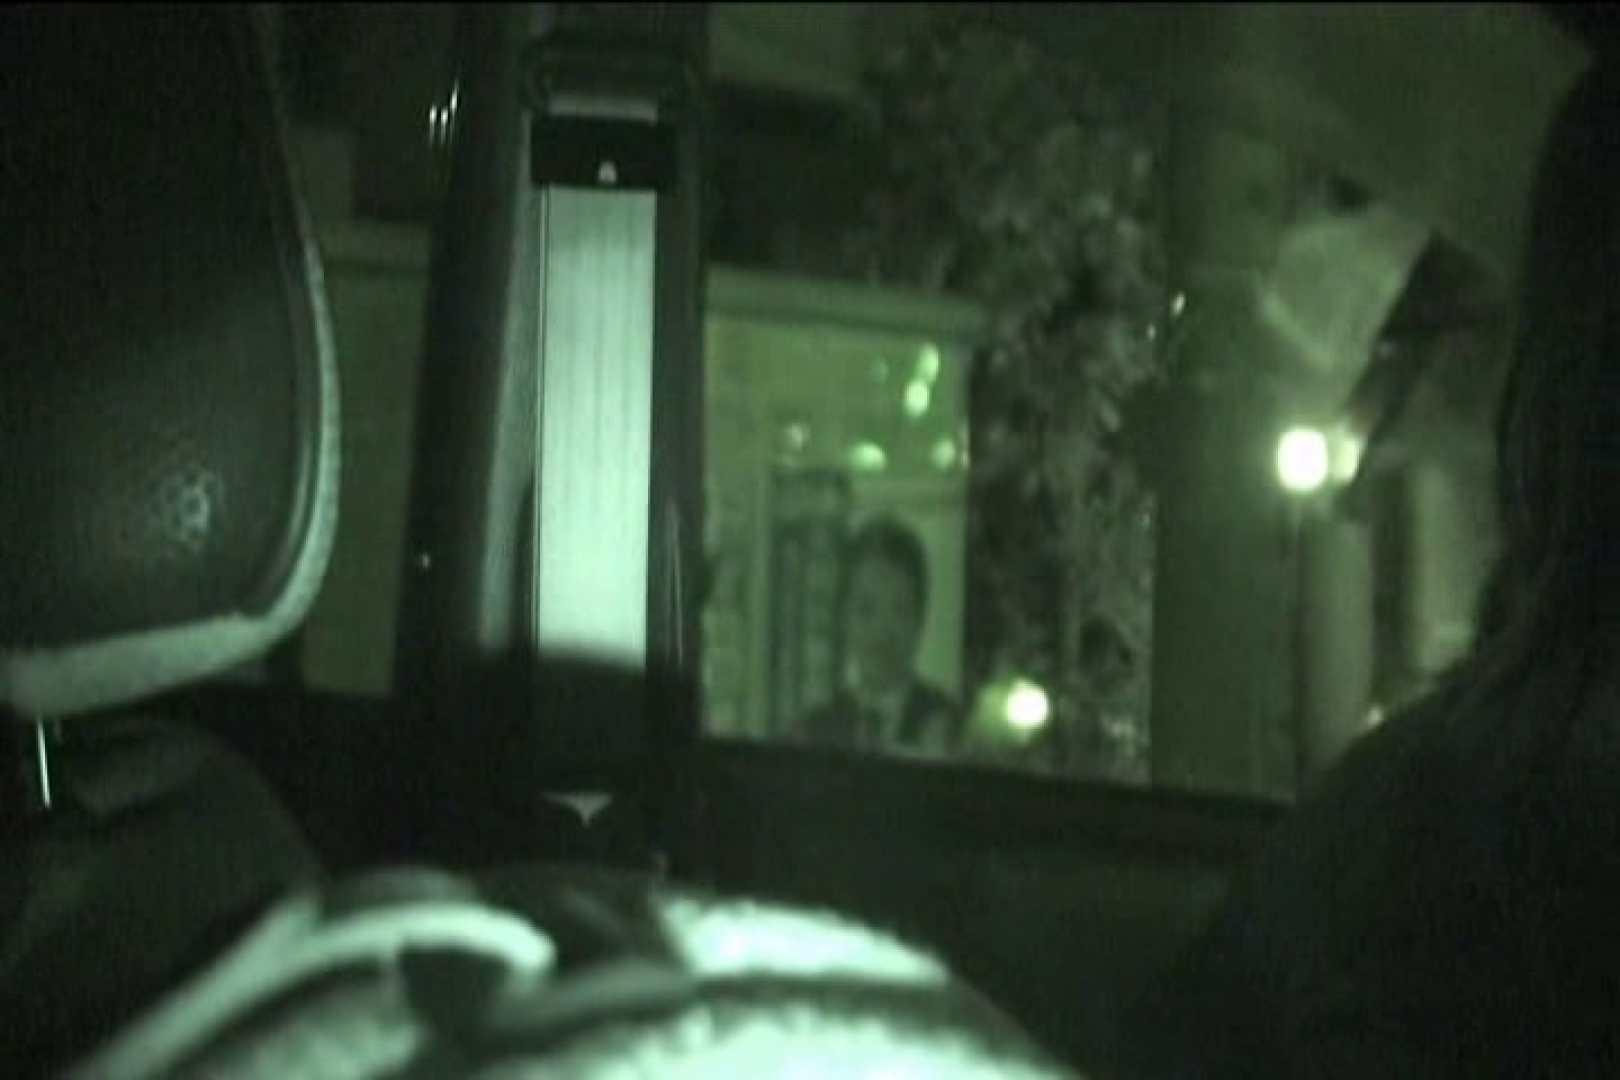 車内で初めまして! vol03 フェラ   裸体  63連発 13